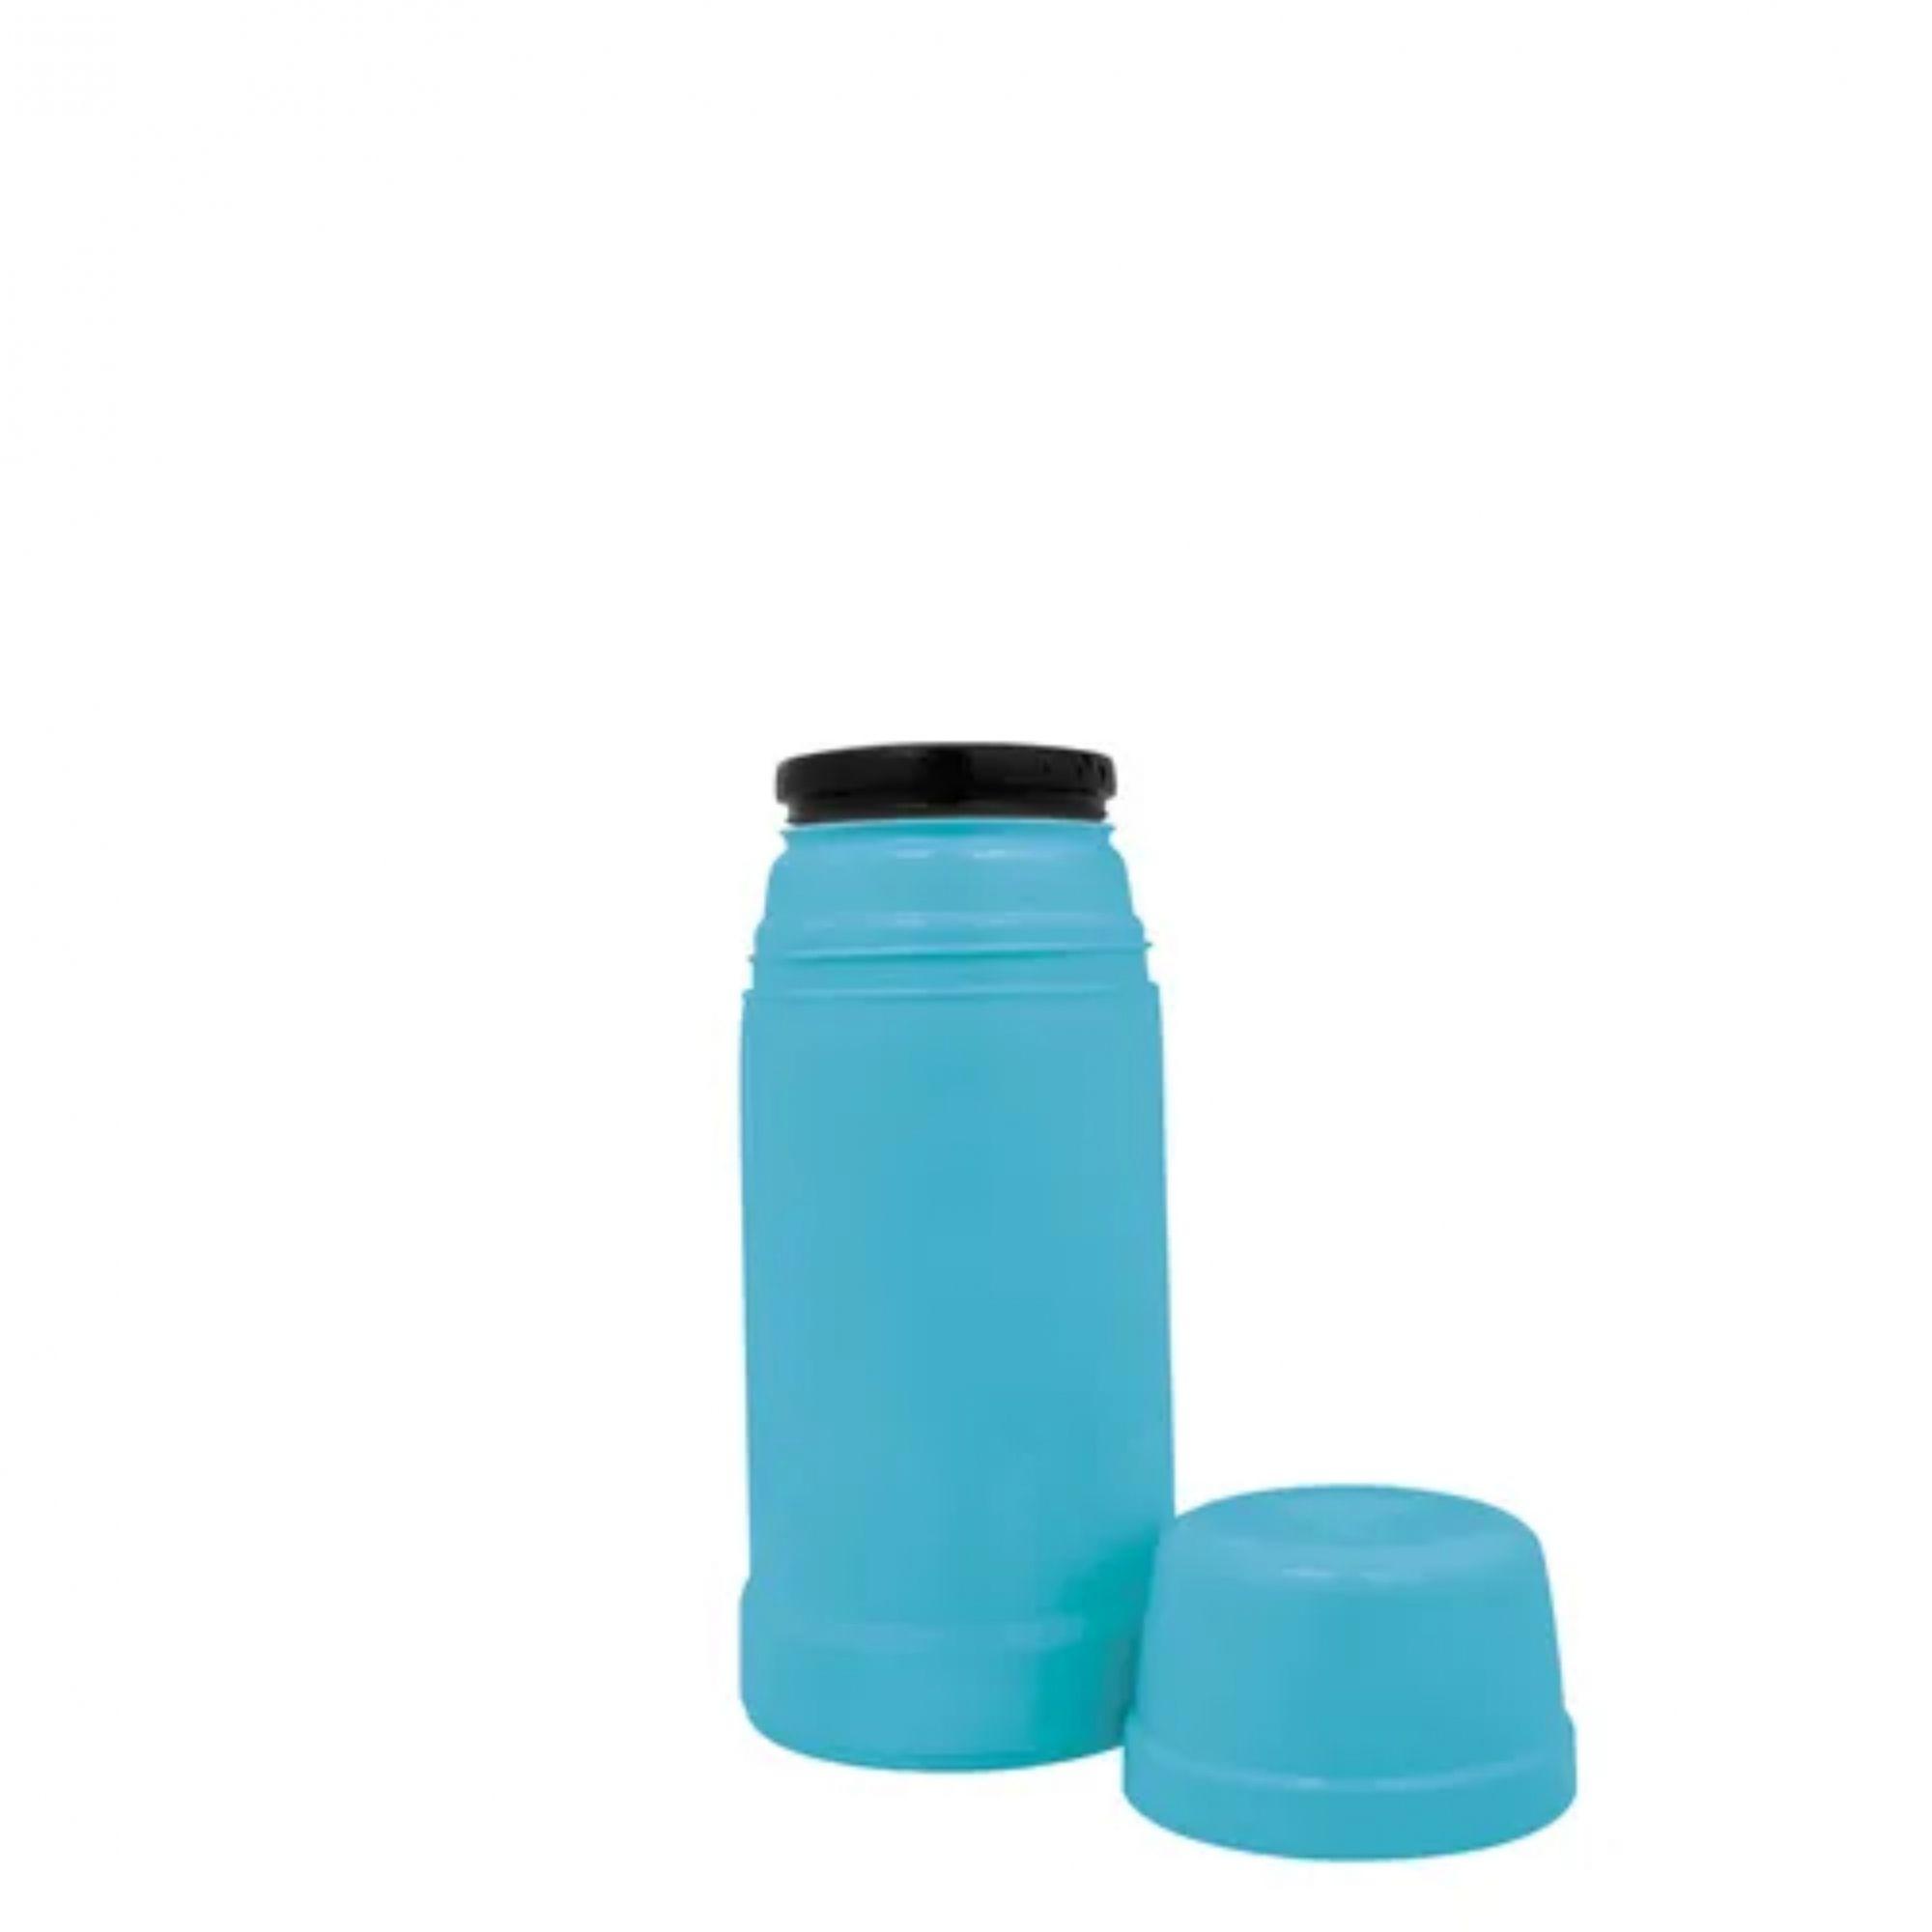 Garrafa Térmica Mini Mor 250ml - Cor: Céu Azul (Azul Claro) - Mor  - Pensou Filtros